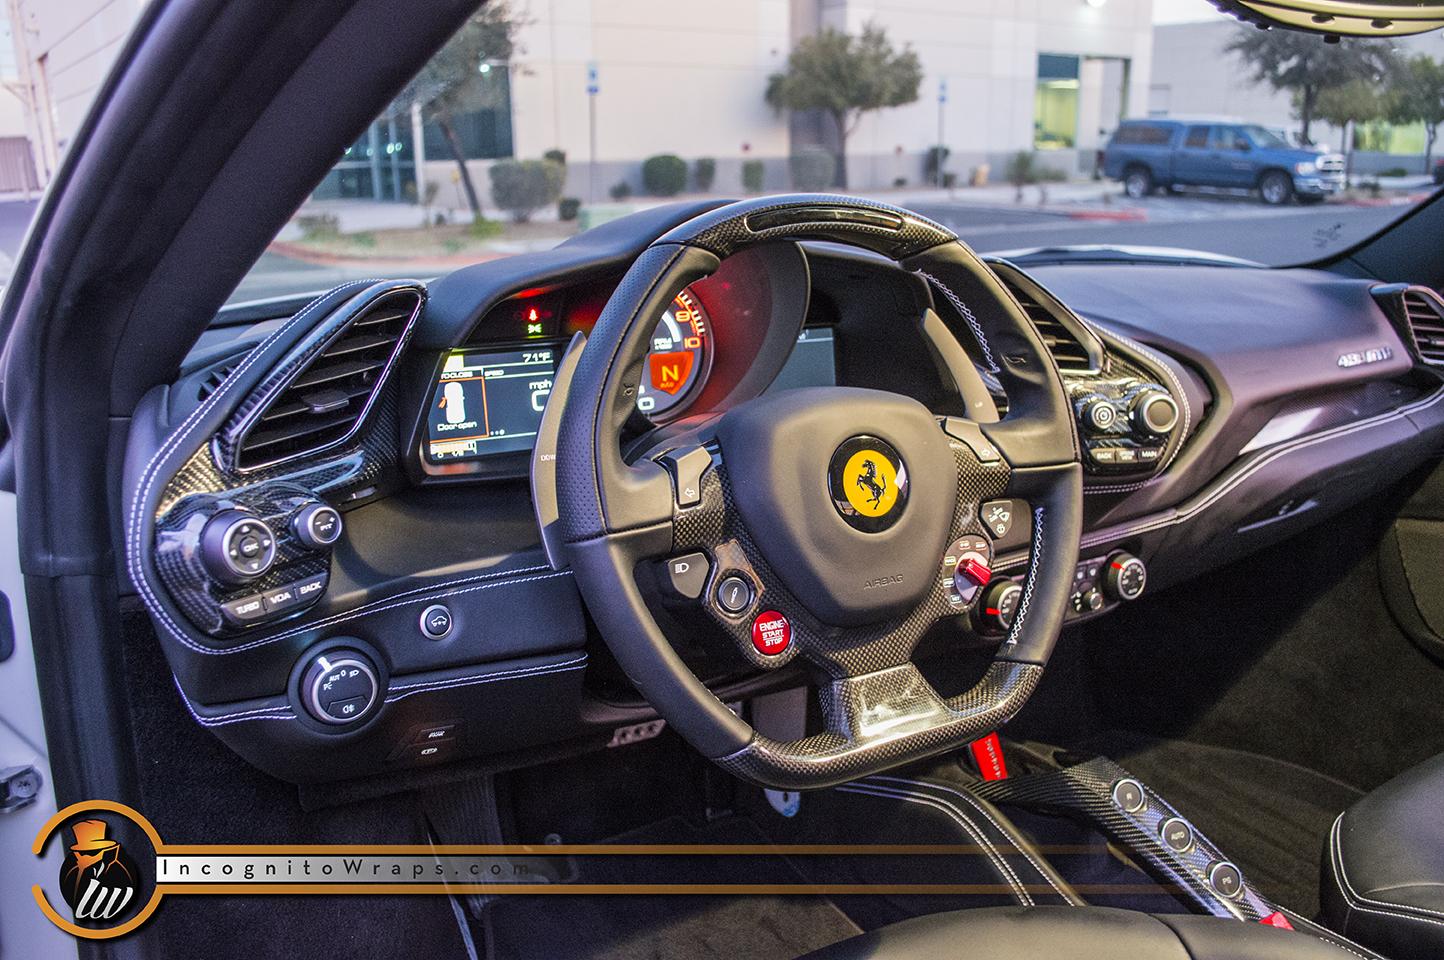 Ferrari 488 Gtb Carbon Interior Incognito Wraps